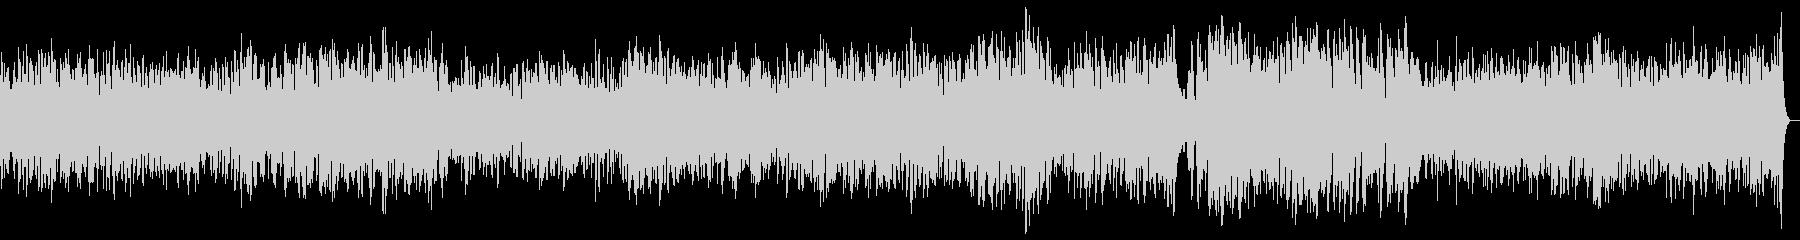 わくわく楽しい軽快なラグタイムピアノ04の未再生の波形